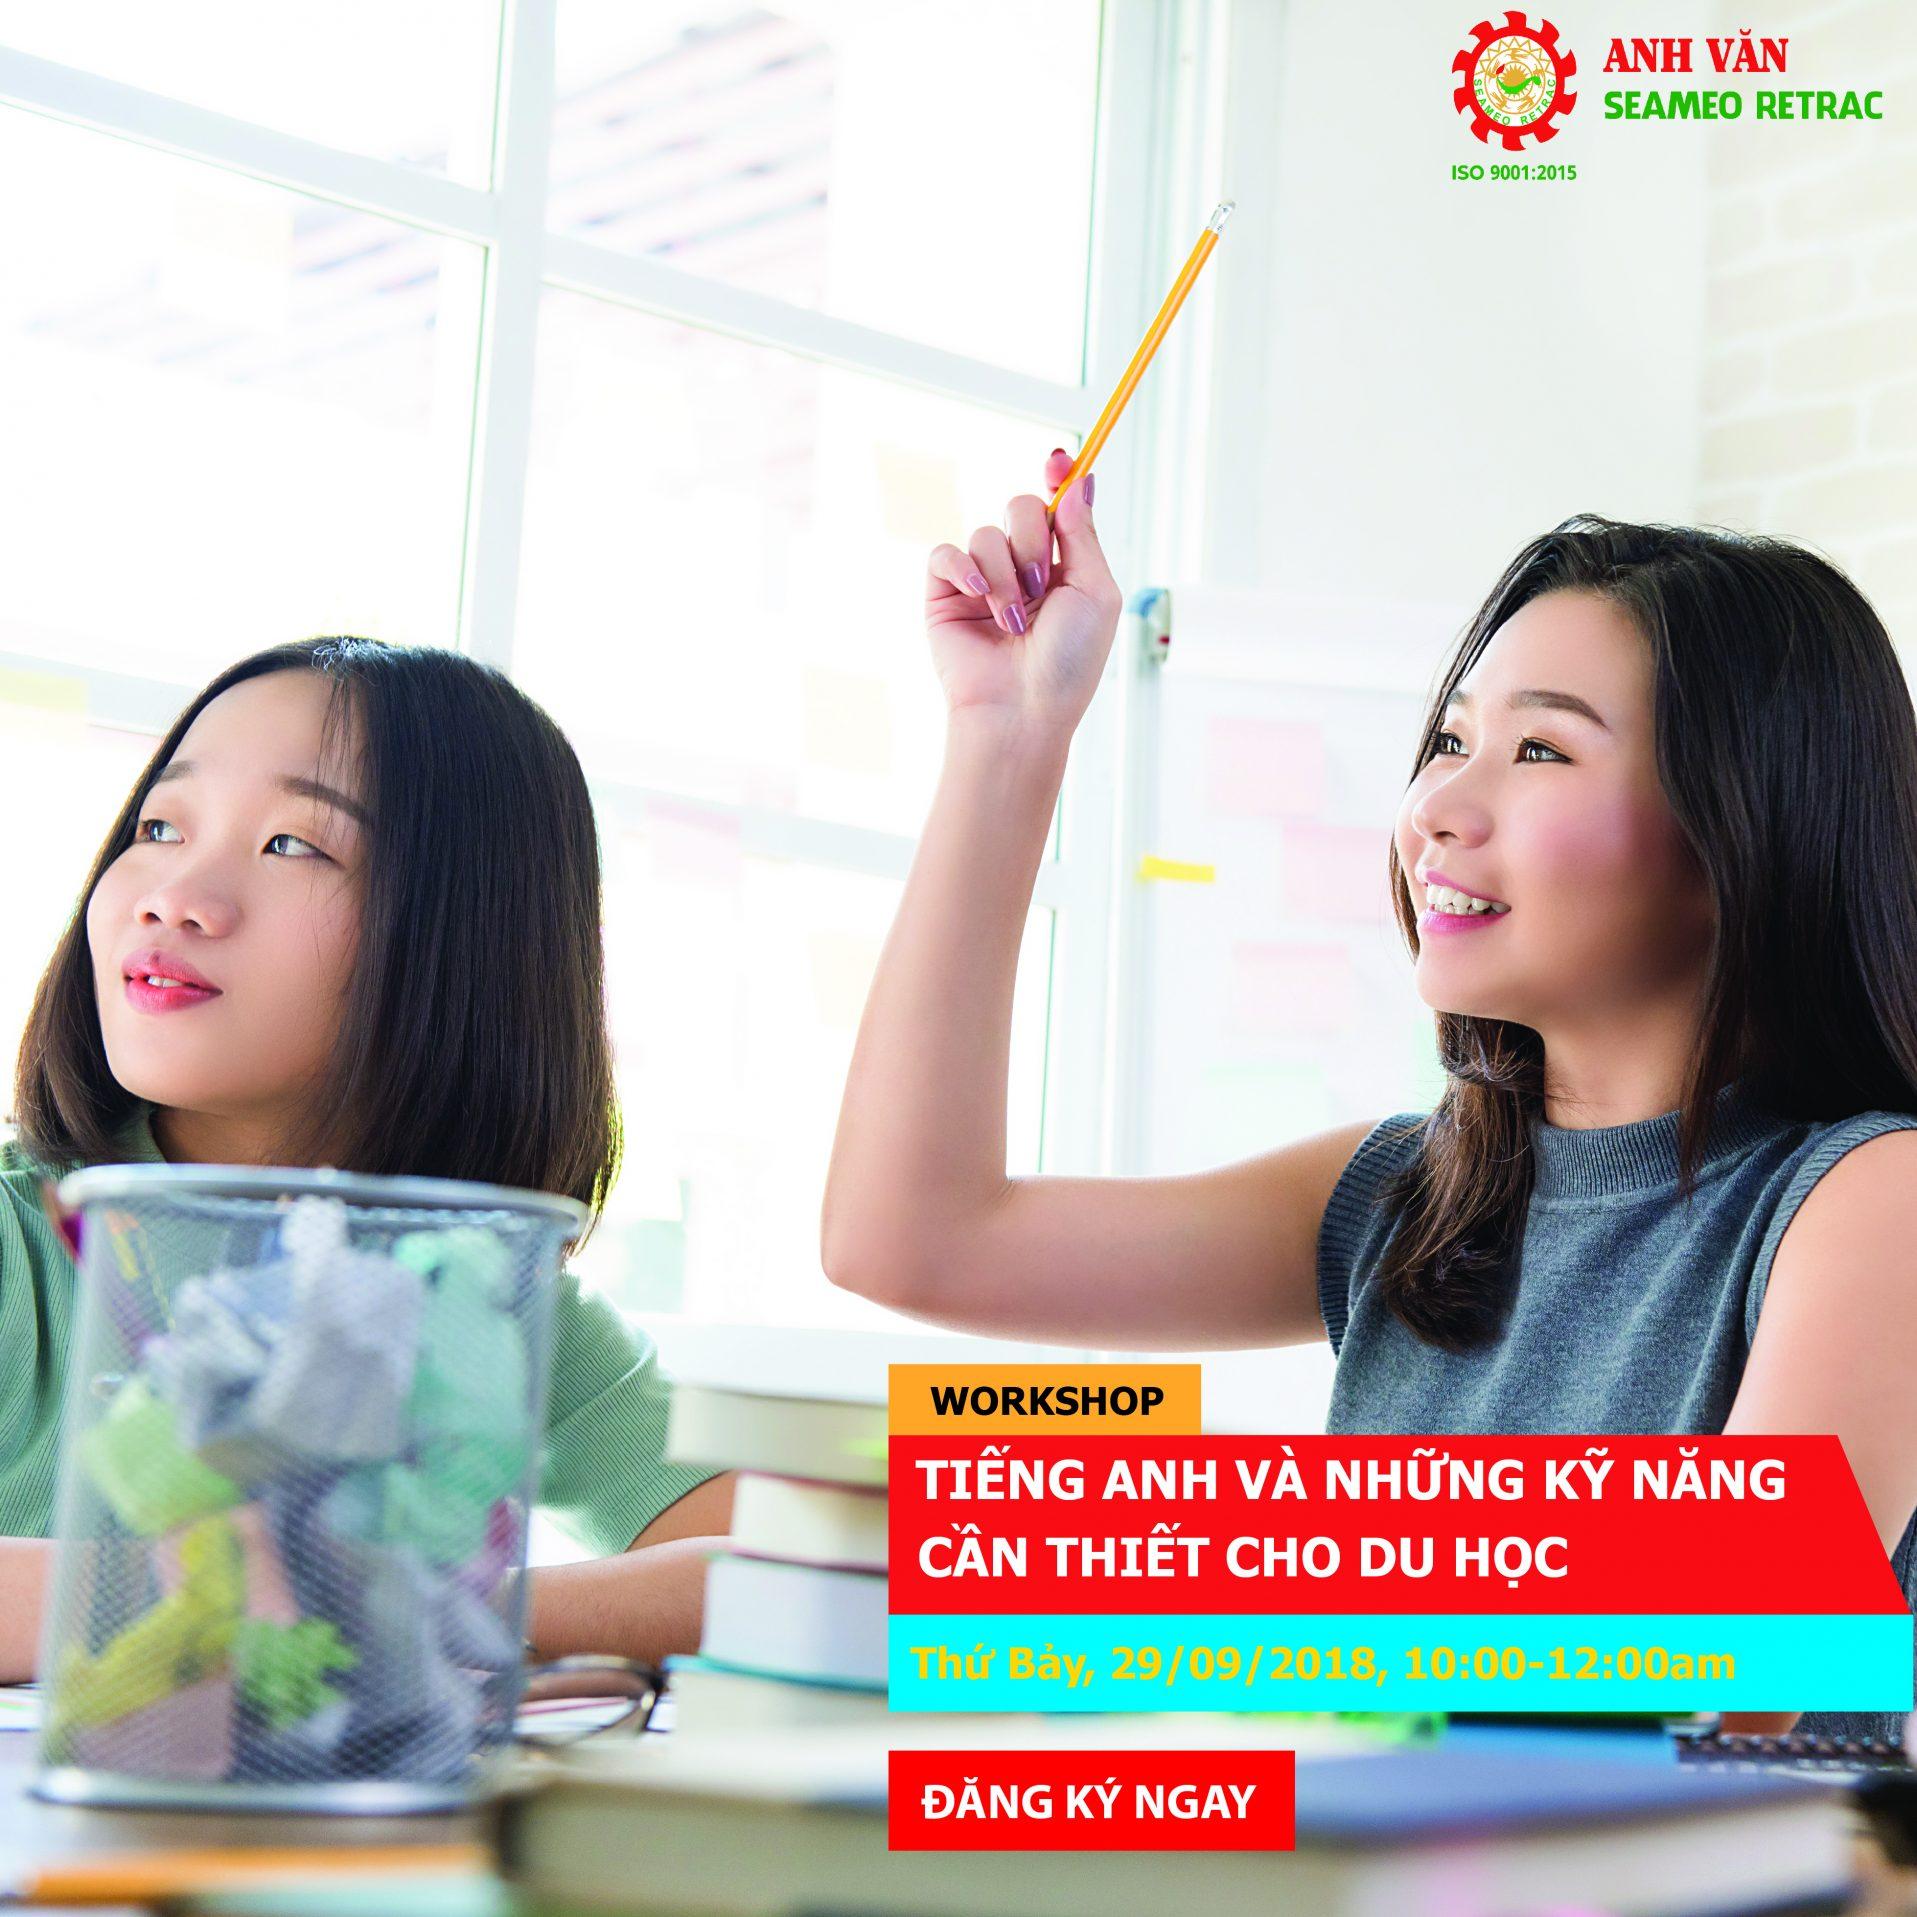 Workshop TIẾNG ANH VÀ NHỮNG KỸ NĂNG CẦN THIẾT CHO DU HỌC